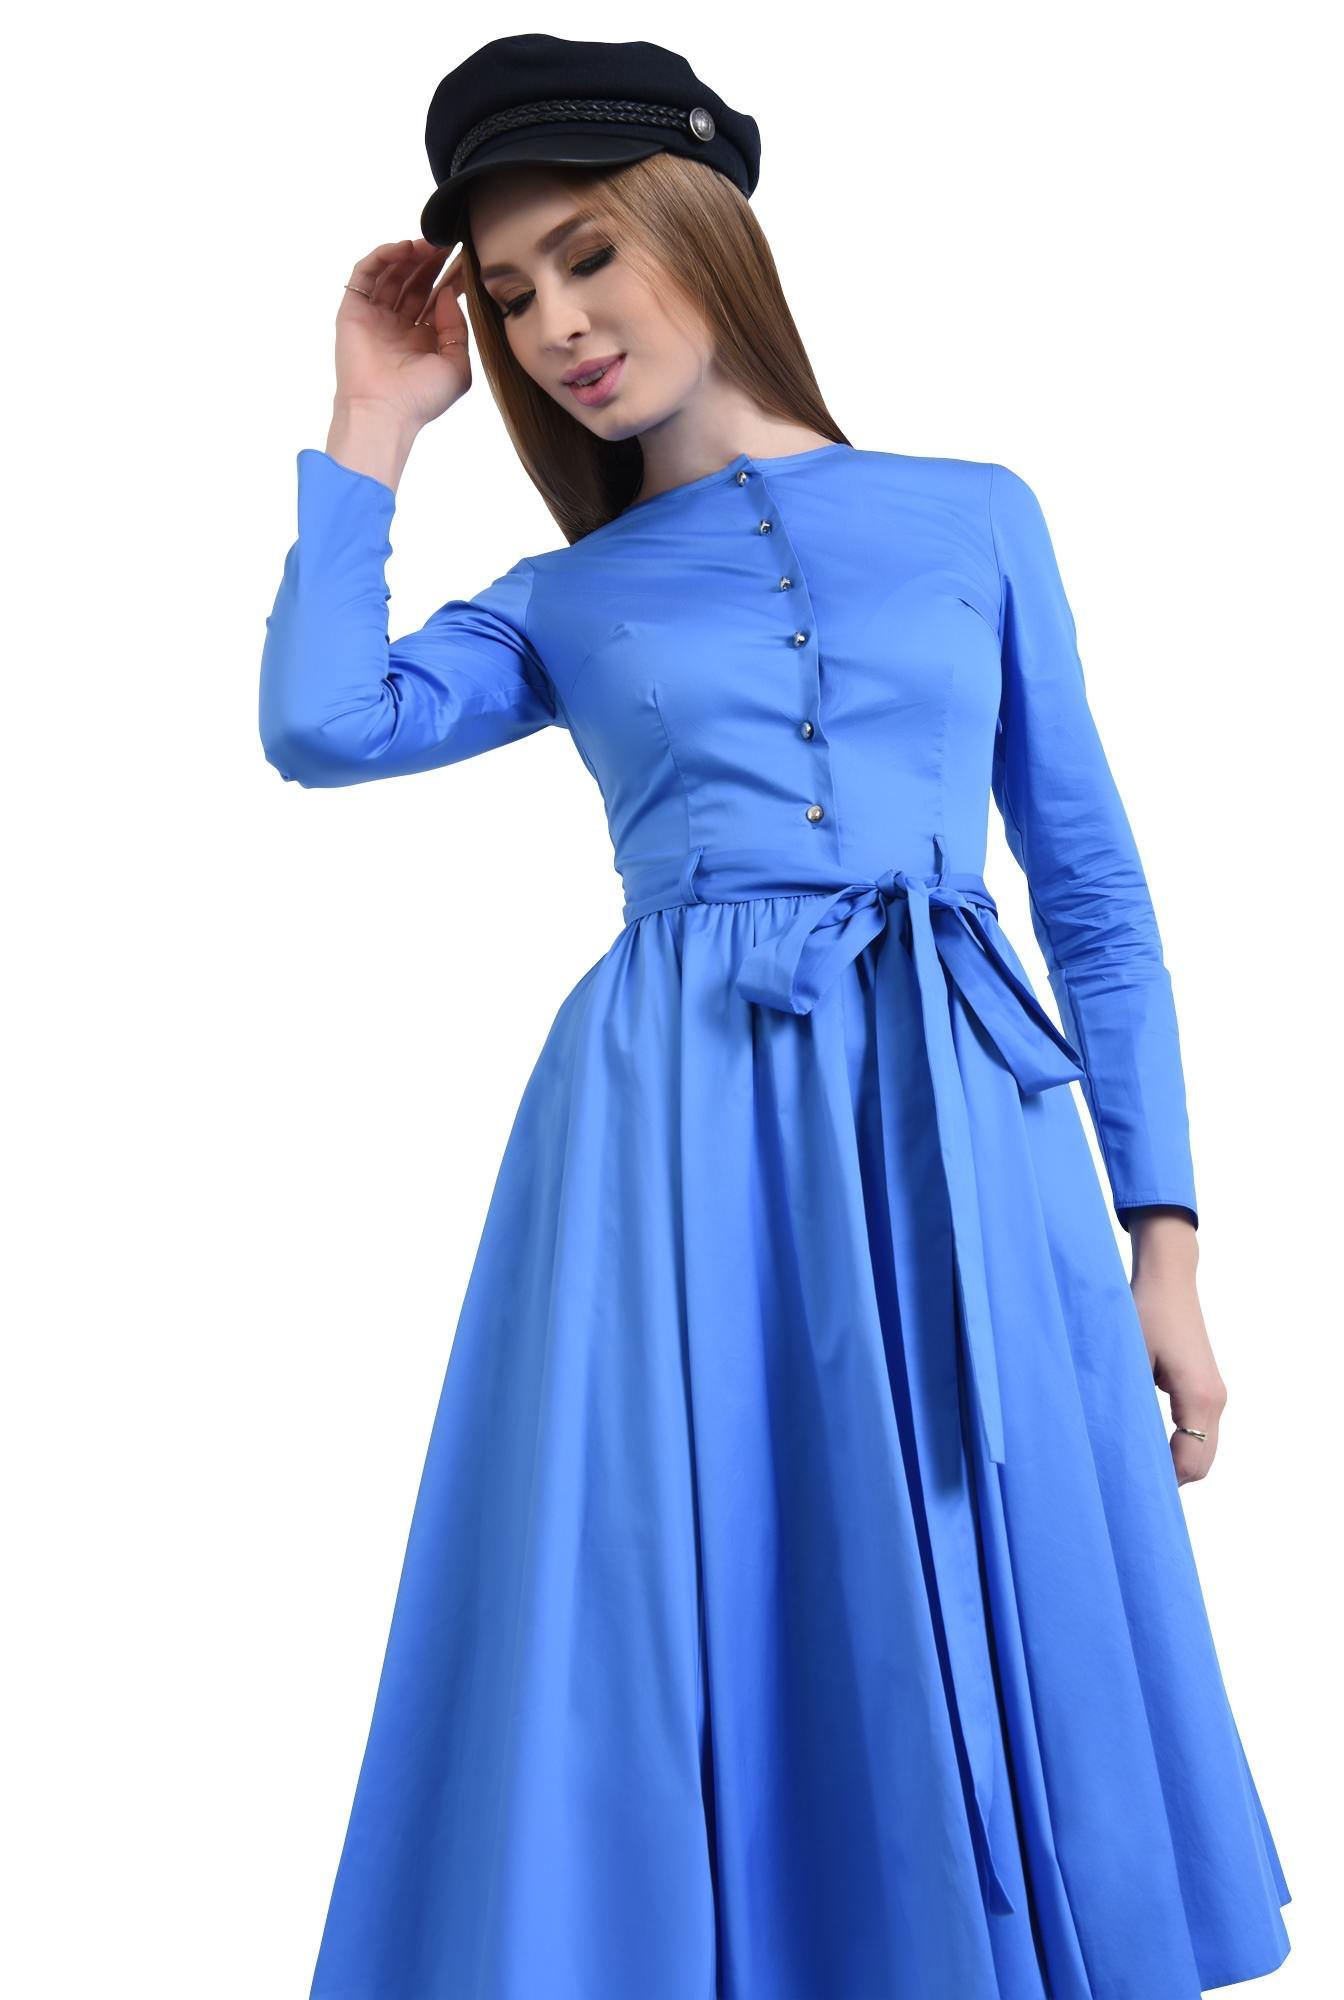 0 - Rochie casual albastra, midi